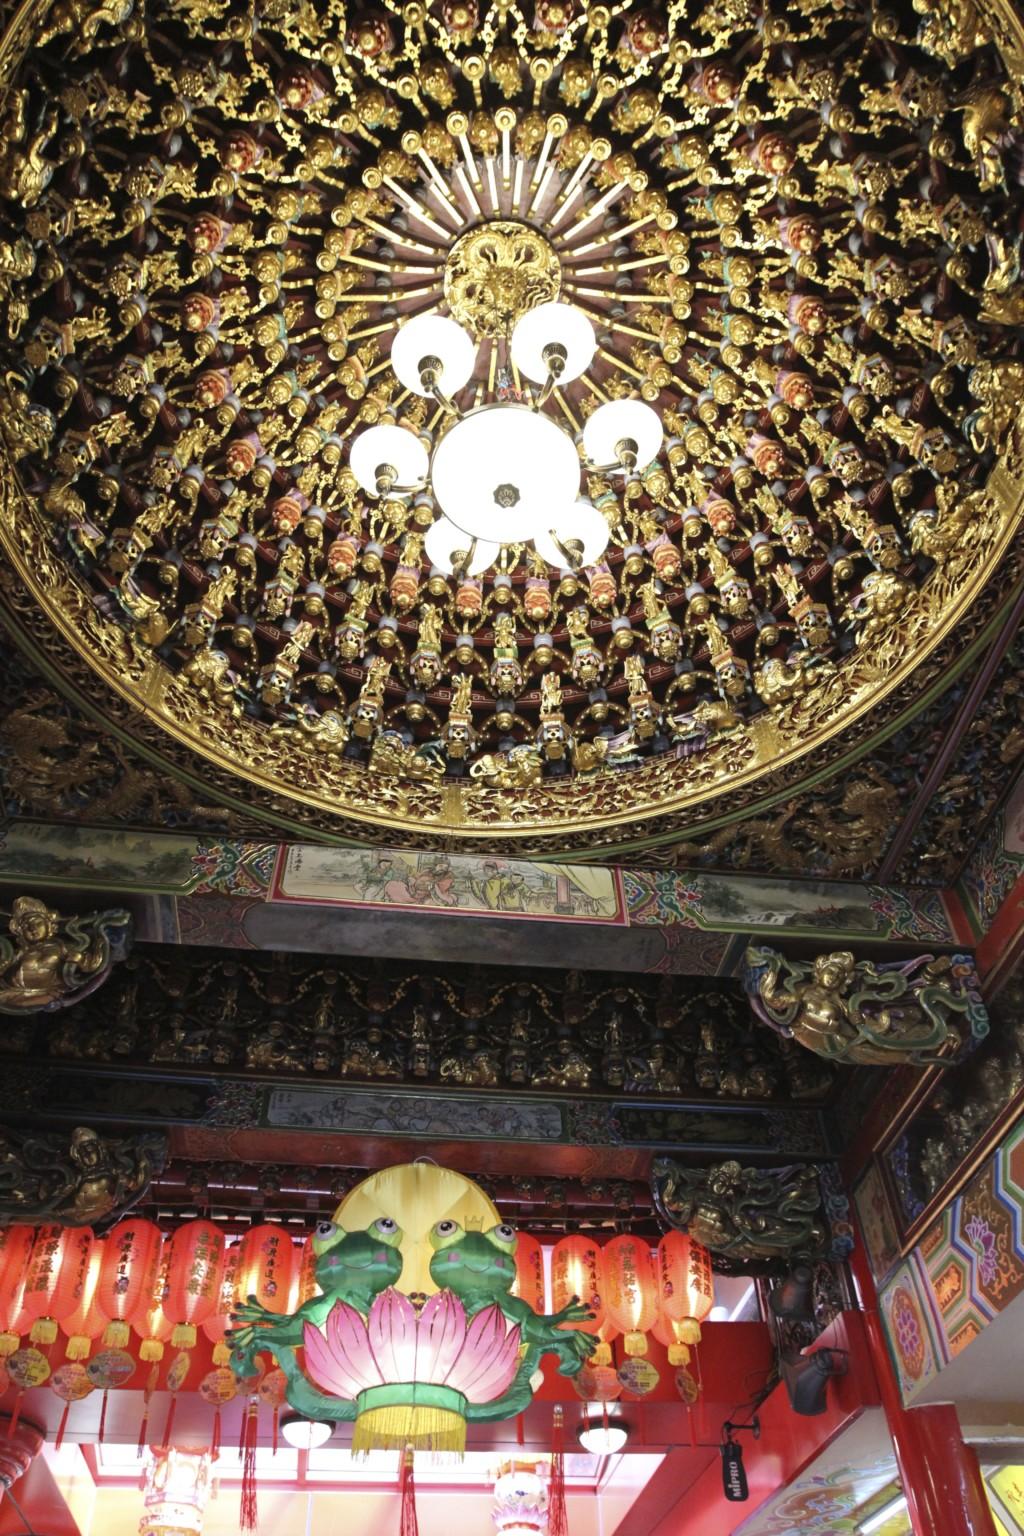 天井には、気が遠くなるほどの、繊細な飾り付け